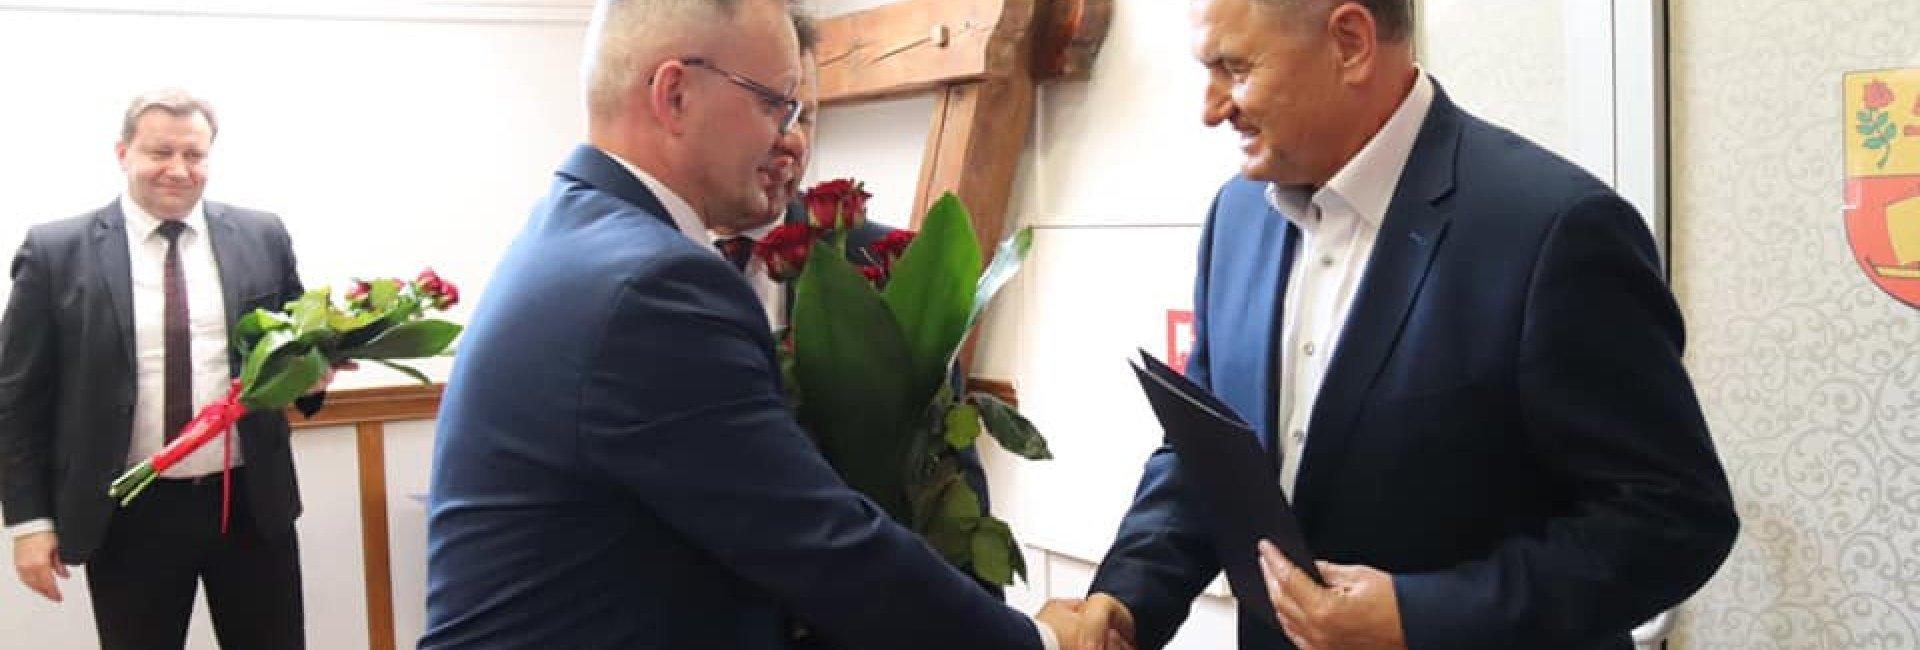 Andrzej Dowgiałło HONOROWYM OBYWATELEM GMINY OSTRÓDA